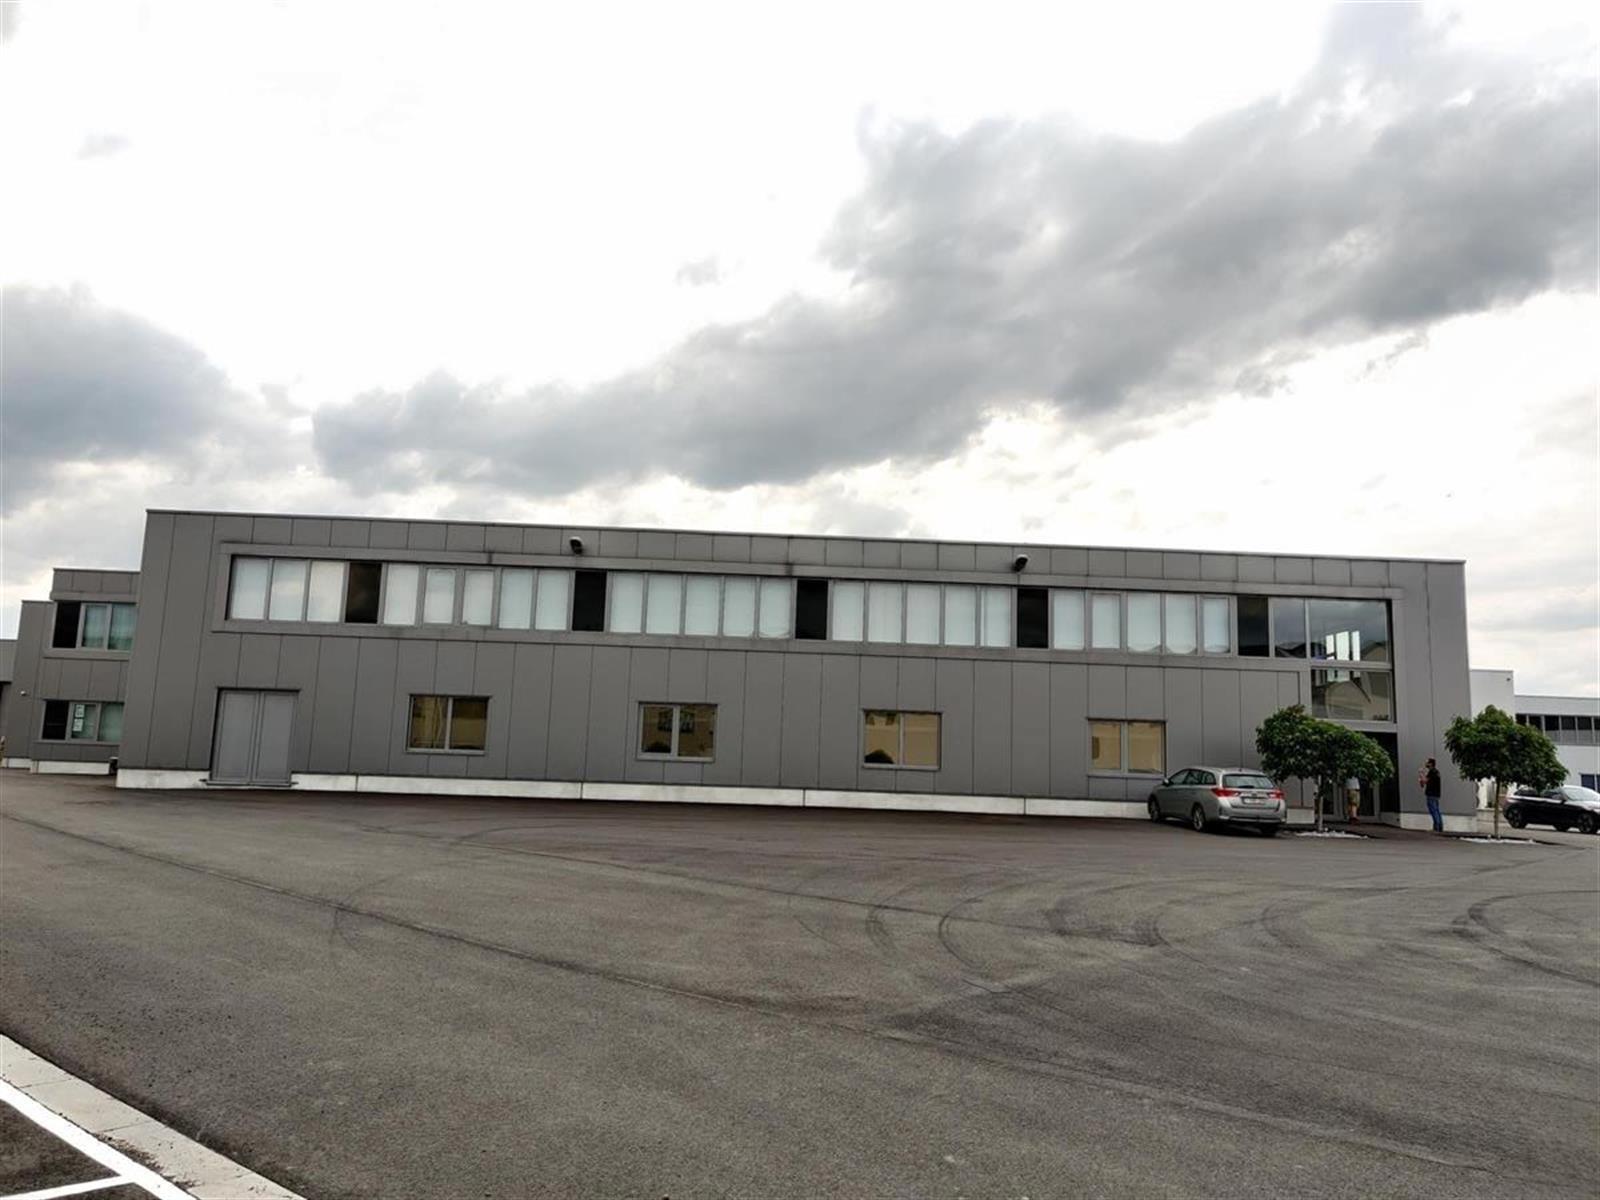 gebouw voor gemengd gebruik te huur I152 Magazijn met laadkades en kantoren Brownfieldlaan 15 002